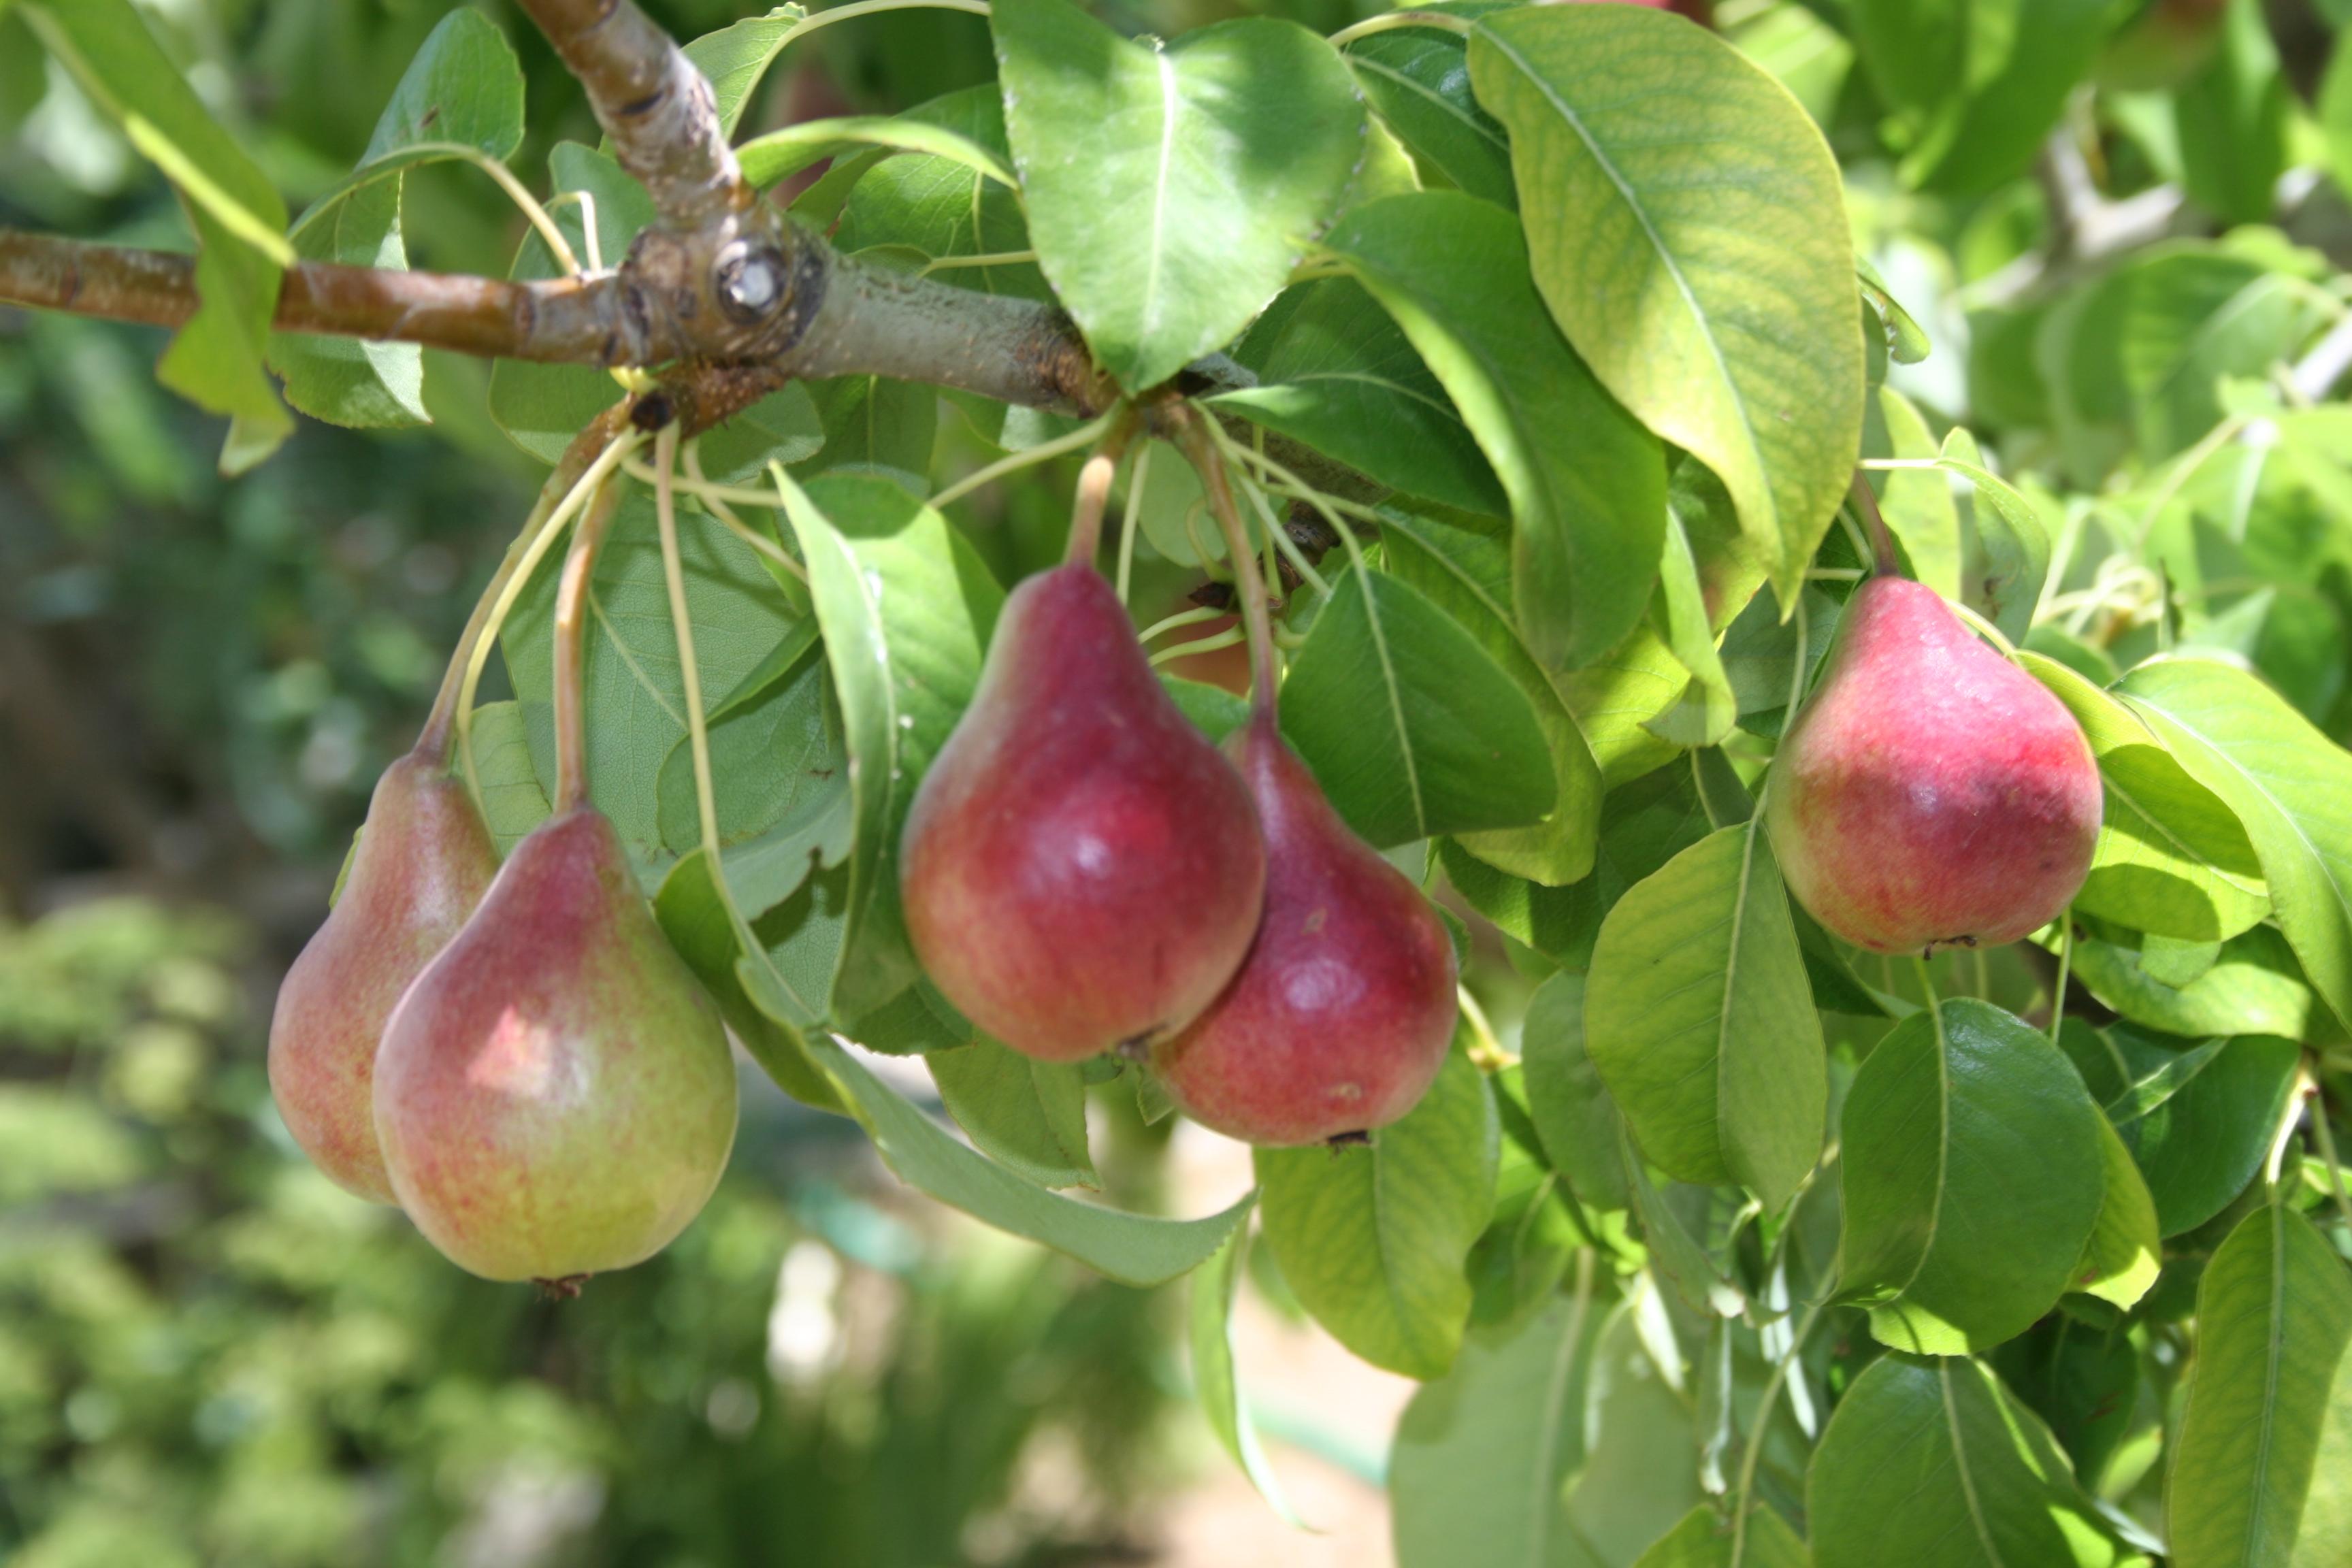 Cultivo de frutales tipos de arboles frutales for Arboles frutales de hoja perenne